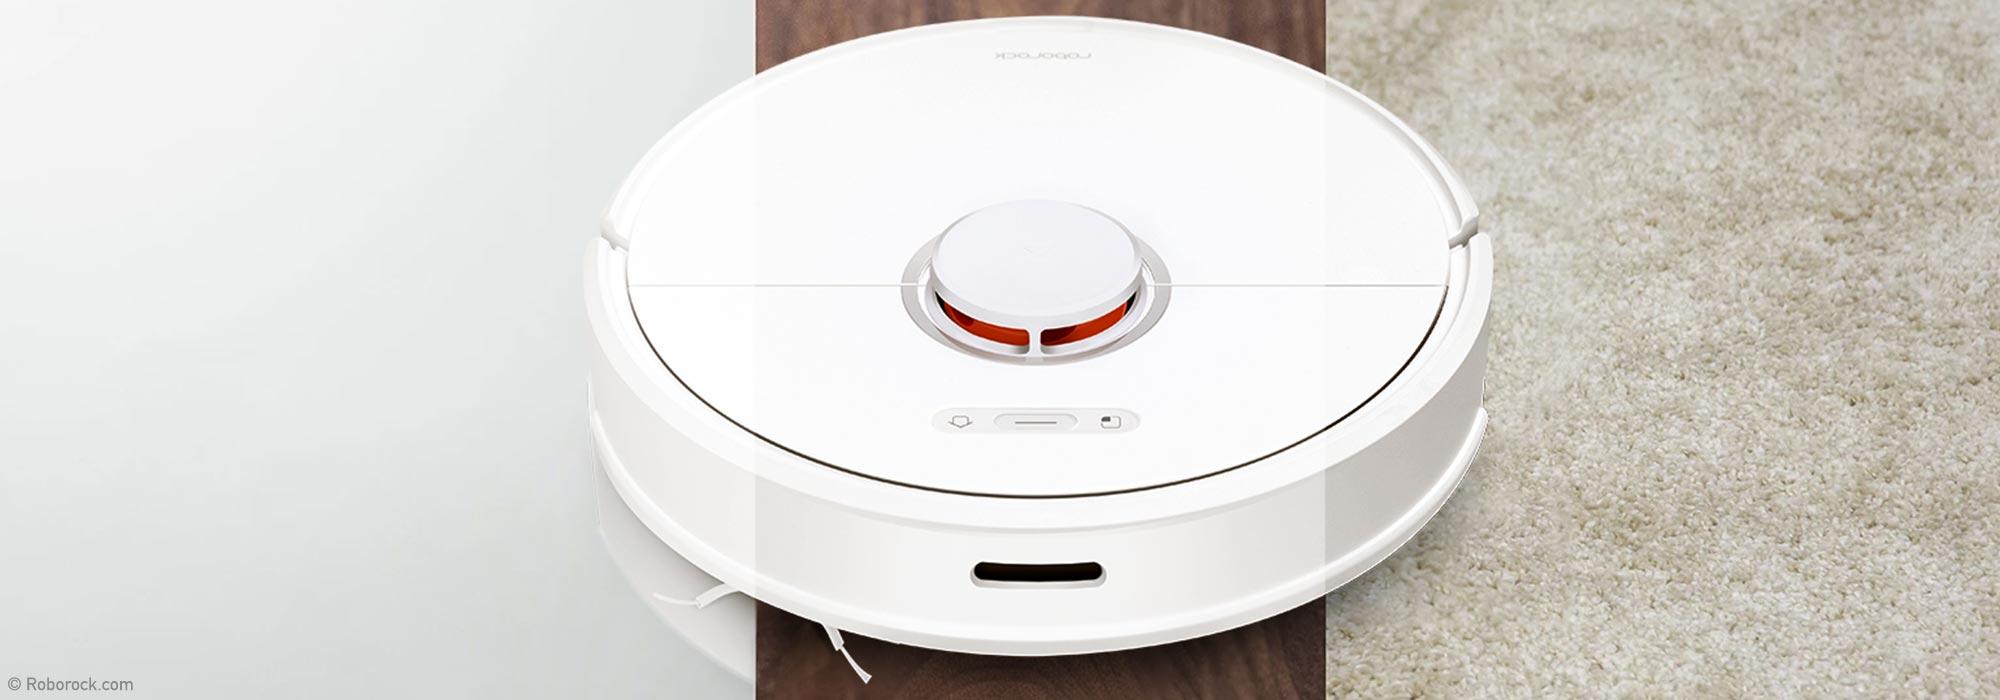 Roborock S6 – Saugroboter mit Raumerkennung